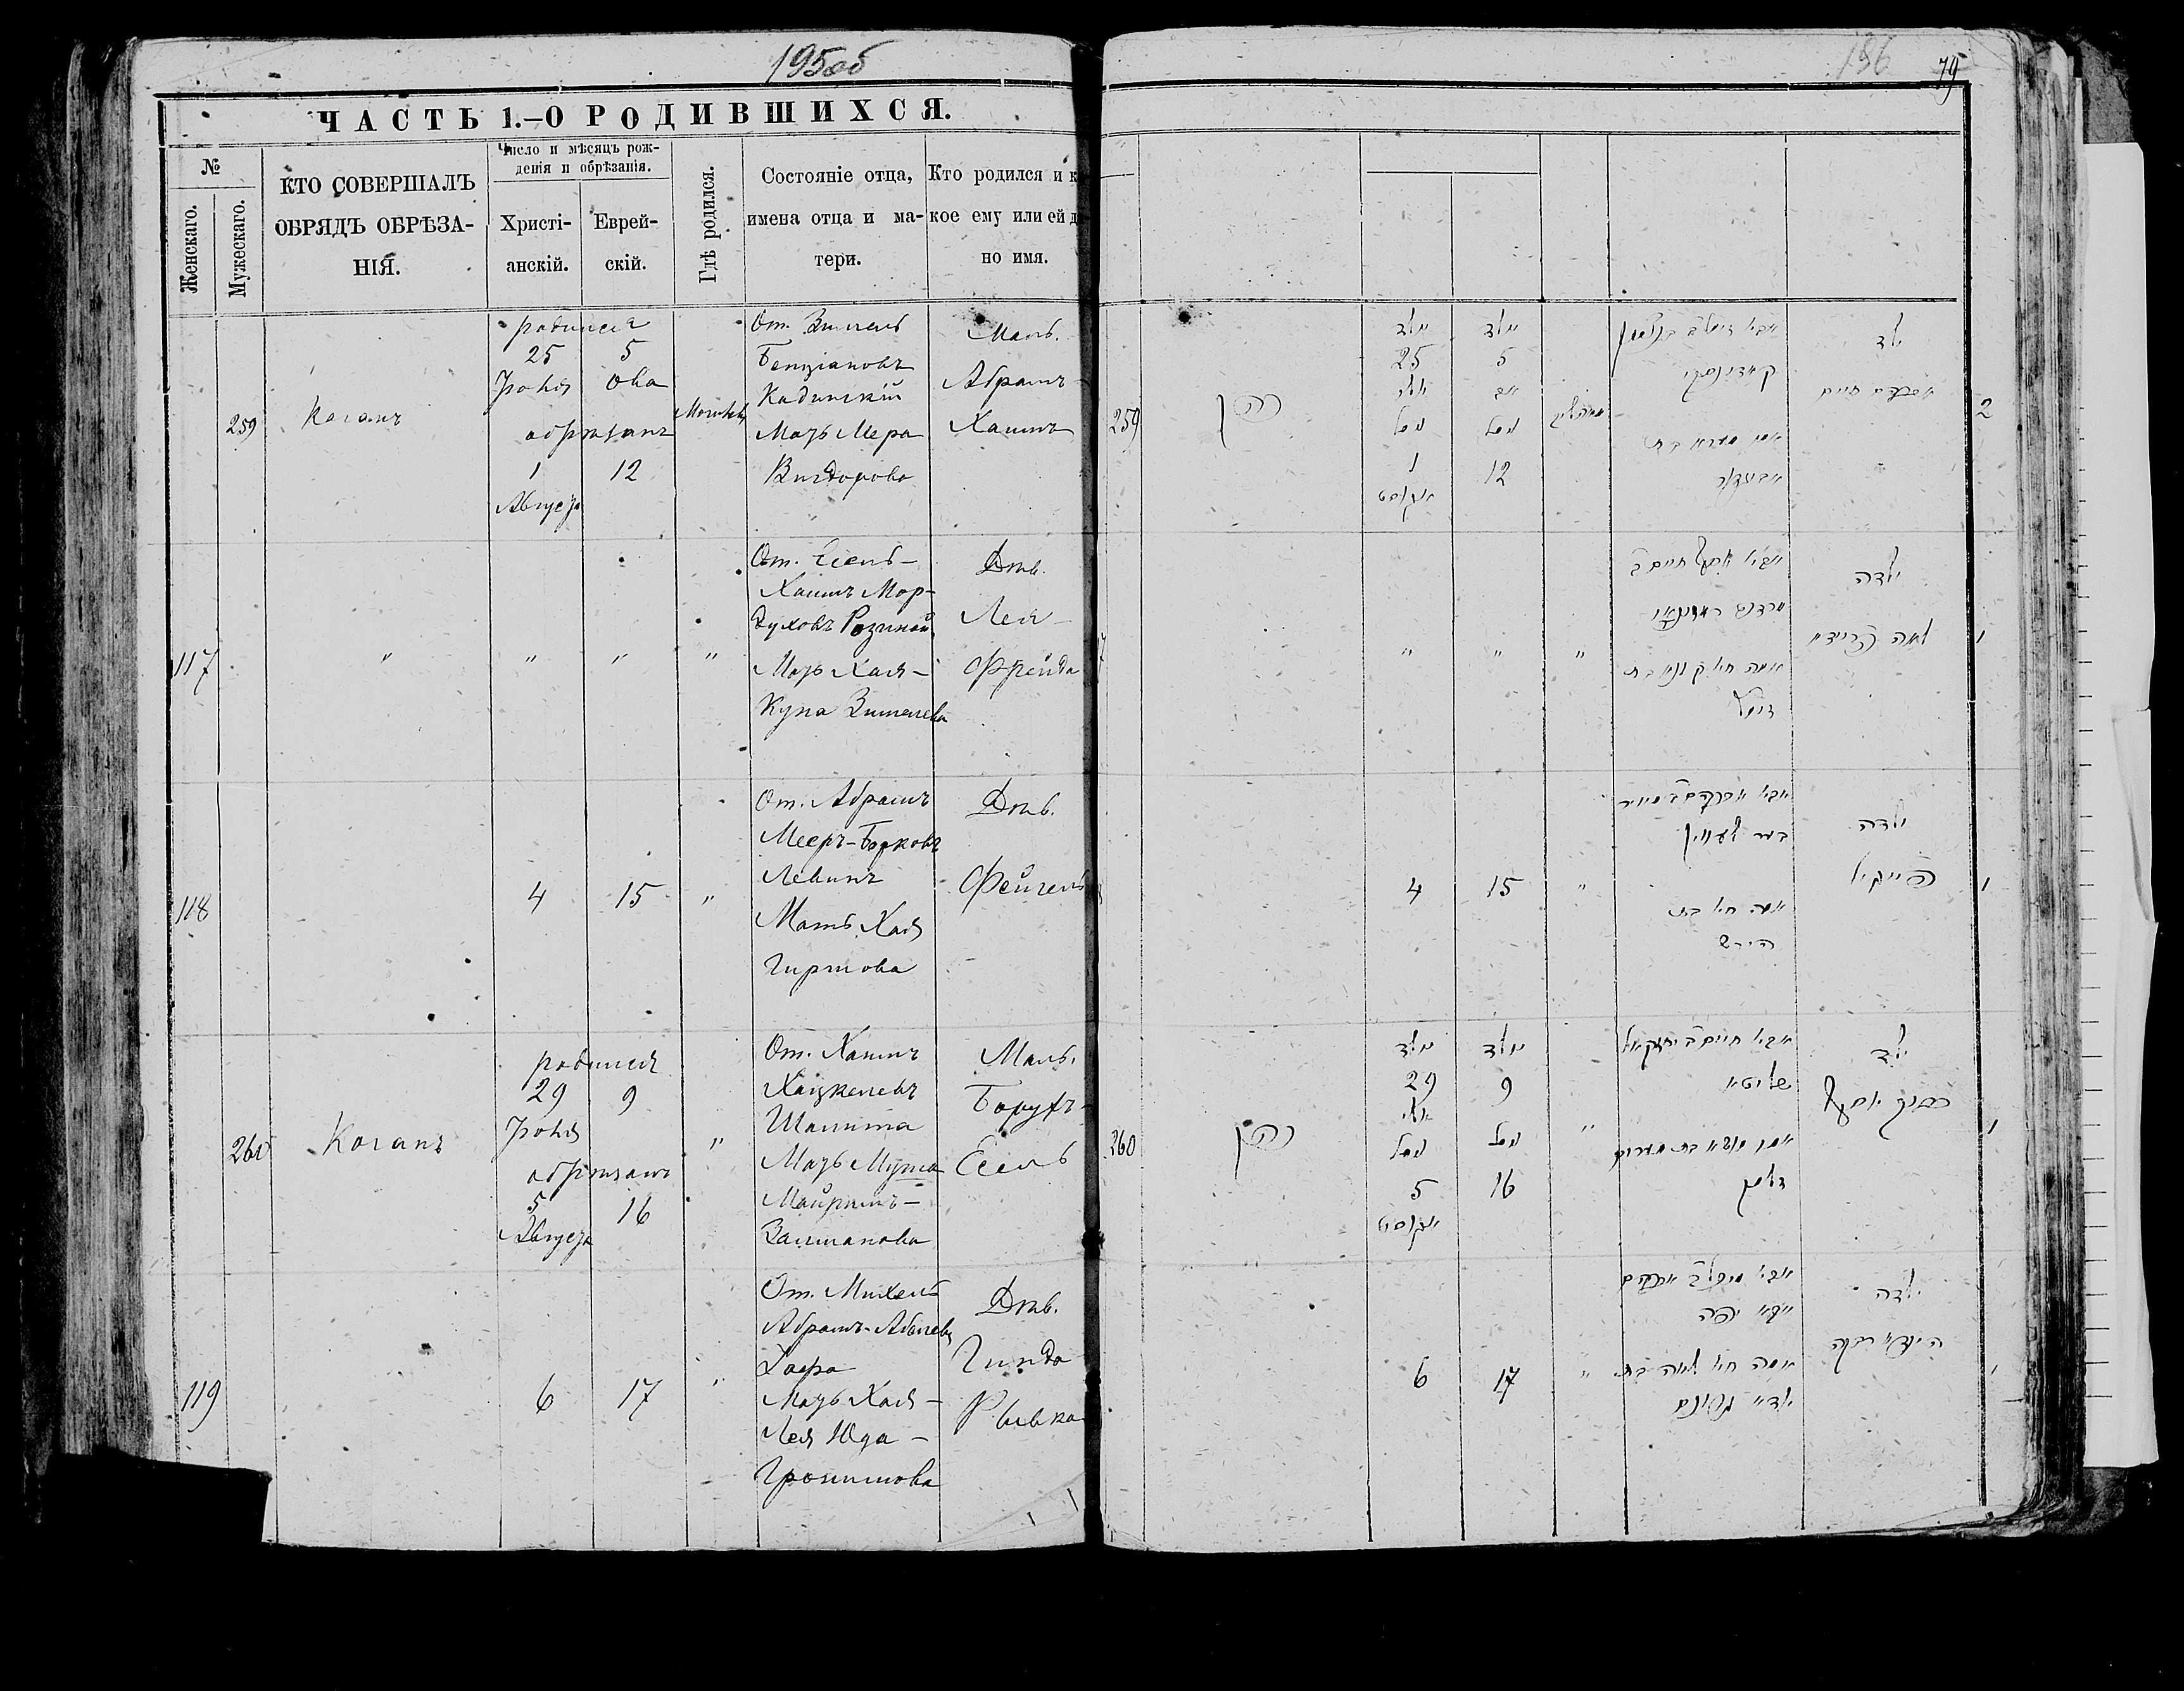 Борух-Есель Шалит 29 июля 1886, запись 260, пленка 007766483, снимок 573